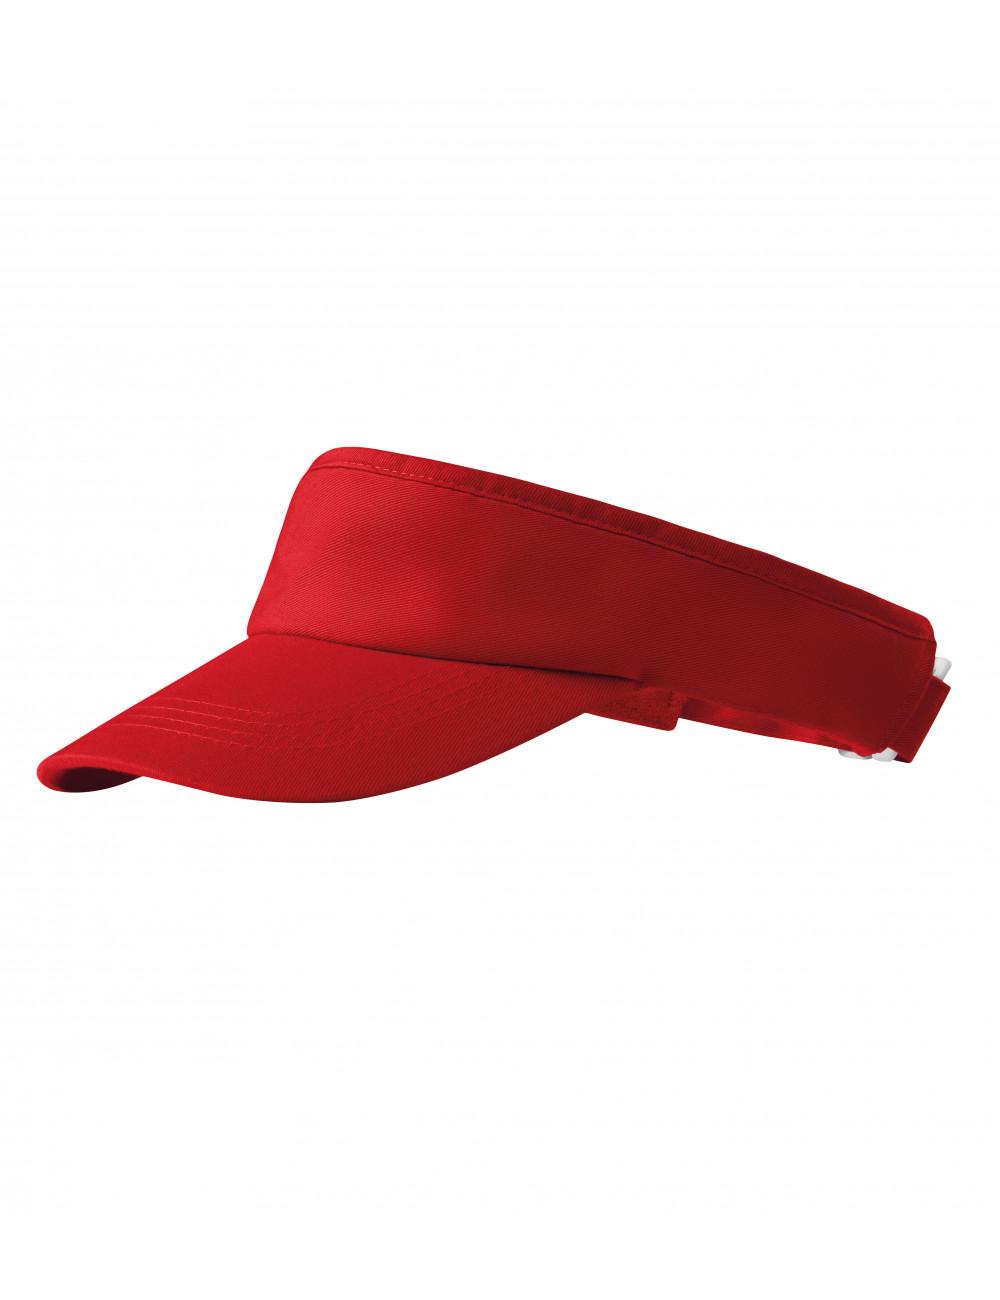 Adler MALFINI Daszki unisex Sunvisor 310 czerwony